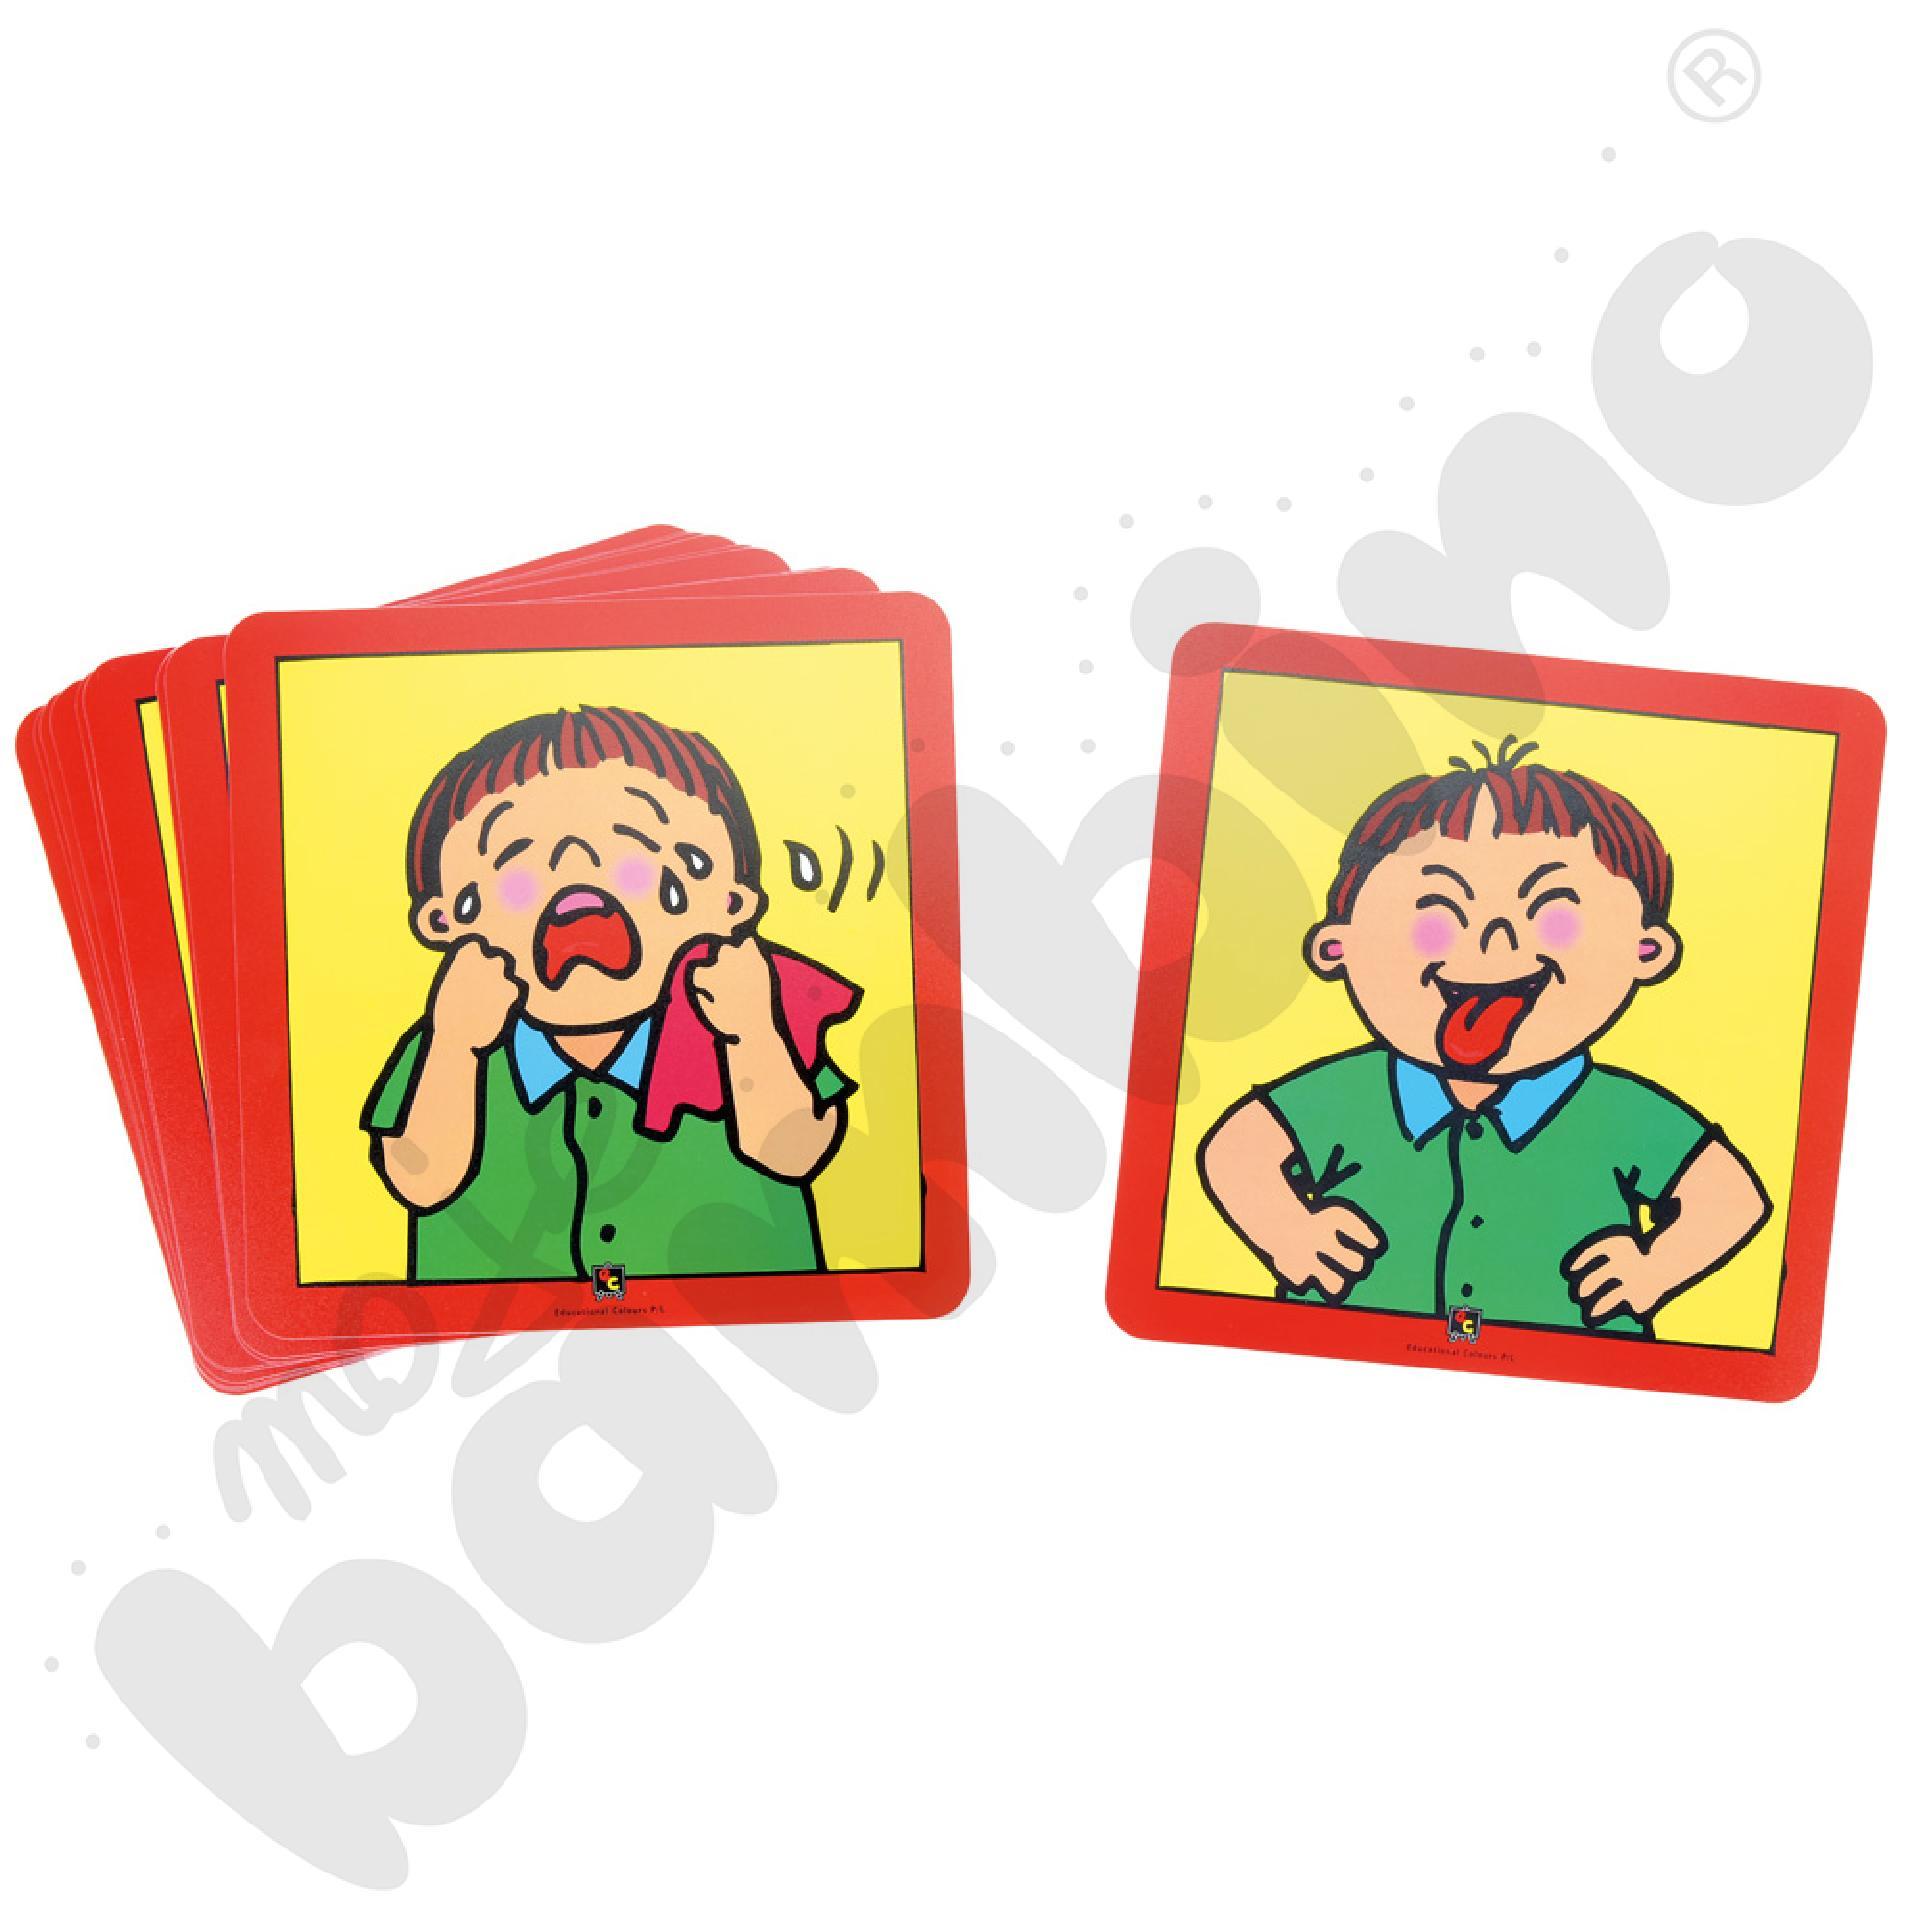 Emocje - zestaw kart